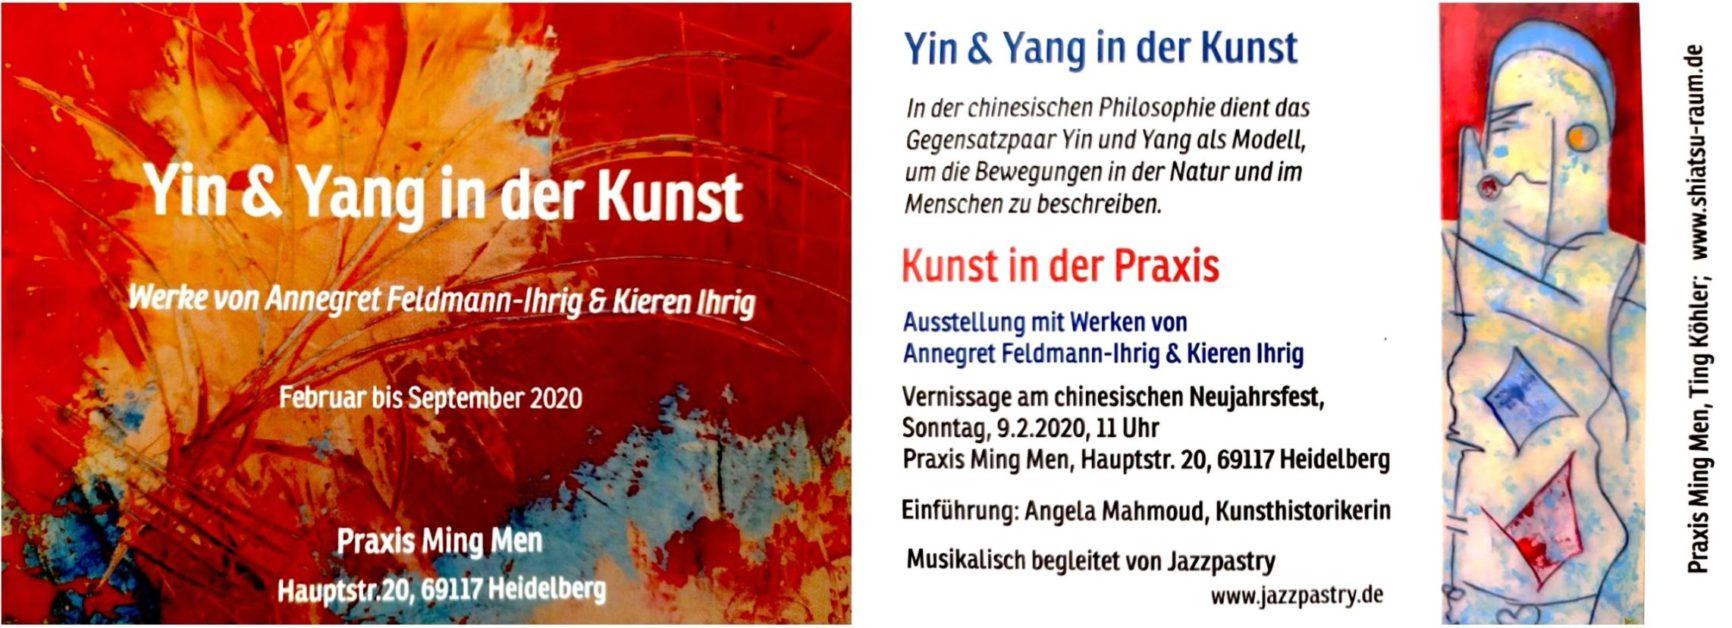 Einladung Vernissage Yin & Yang in der Kunst - Annegret Feldmann-Ihrig, Kieren Ihrig -